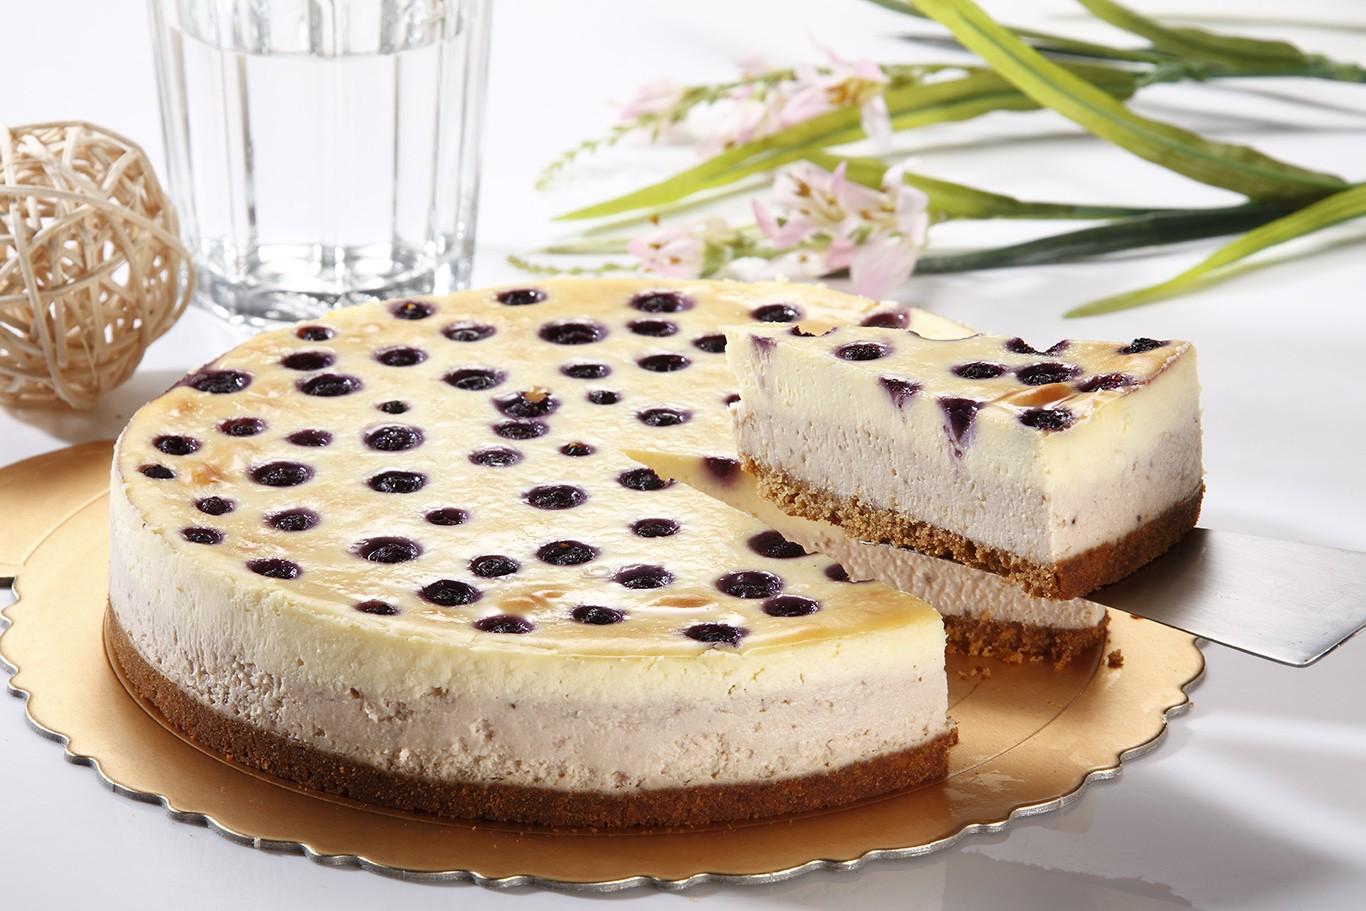 wei甜/【重乳酪蛋糕】- 8吋 台南安平伴手禮